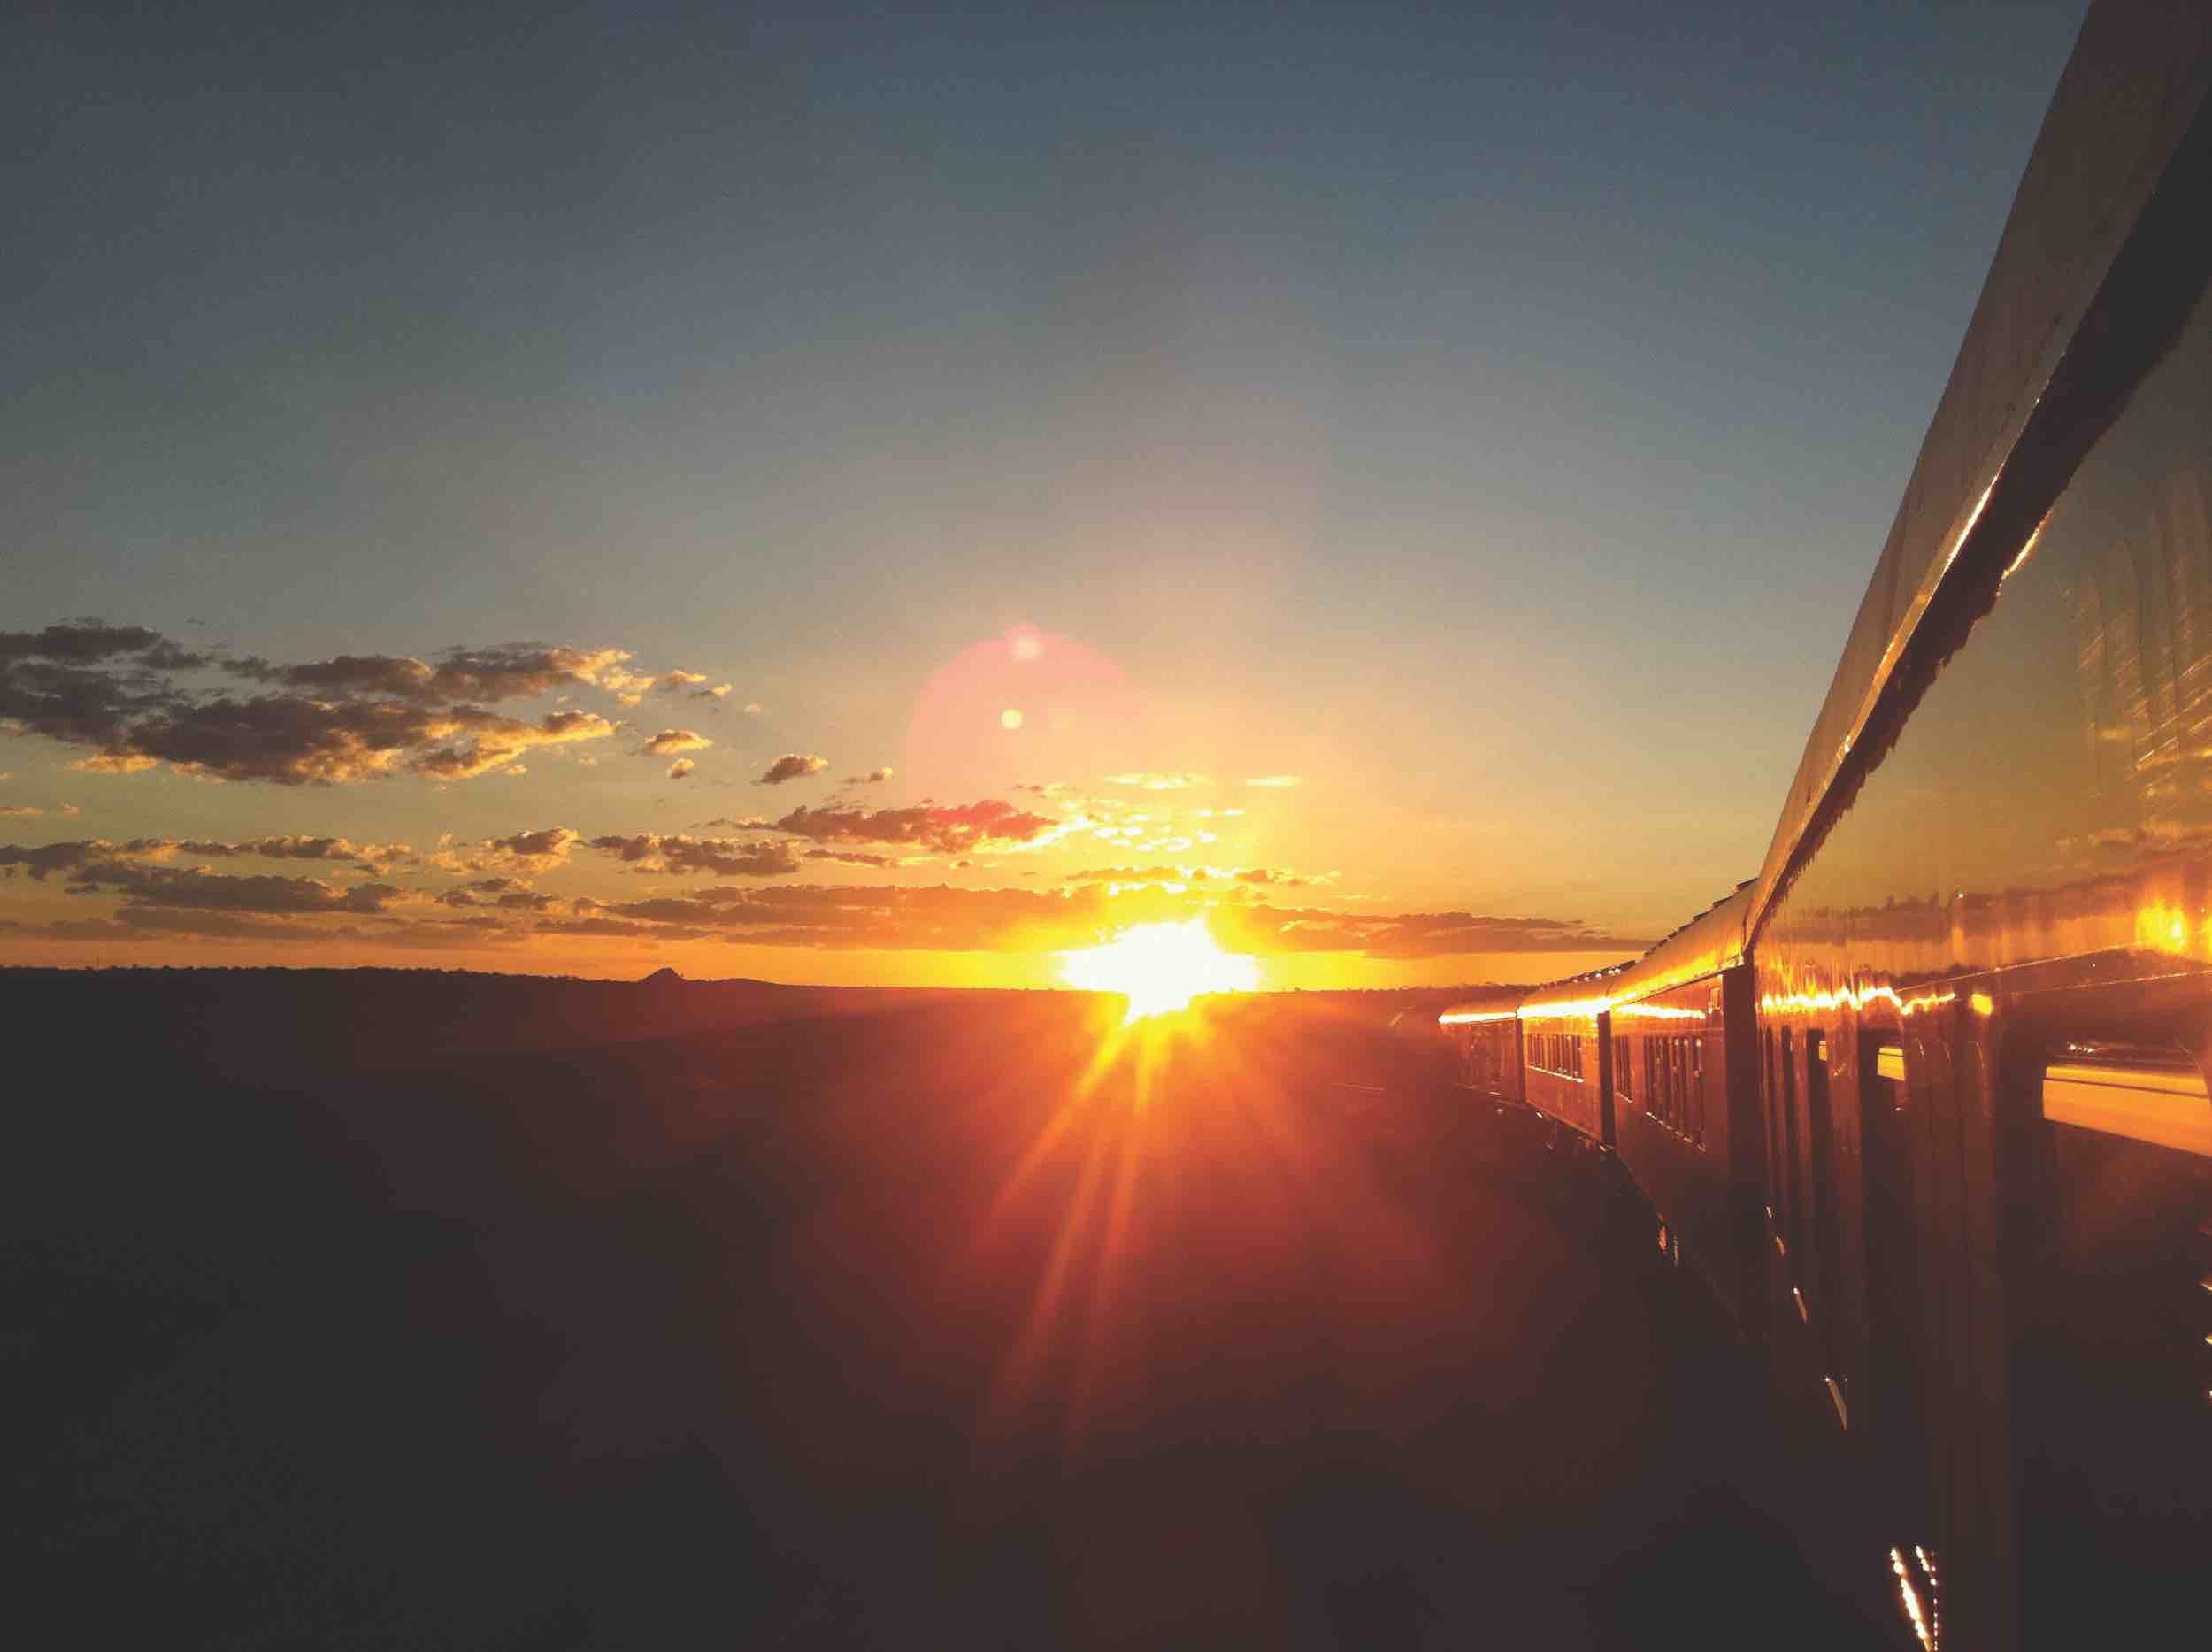 Zugreise mit Rovos Rail in Afrika. Während der Fahrt Fotografie aus einem Abteil, der Zug wird von der untergehenden Sonne beleuchtet.